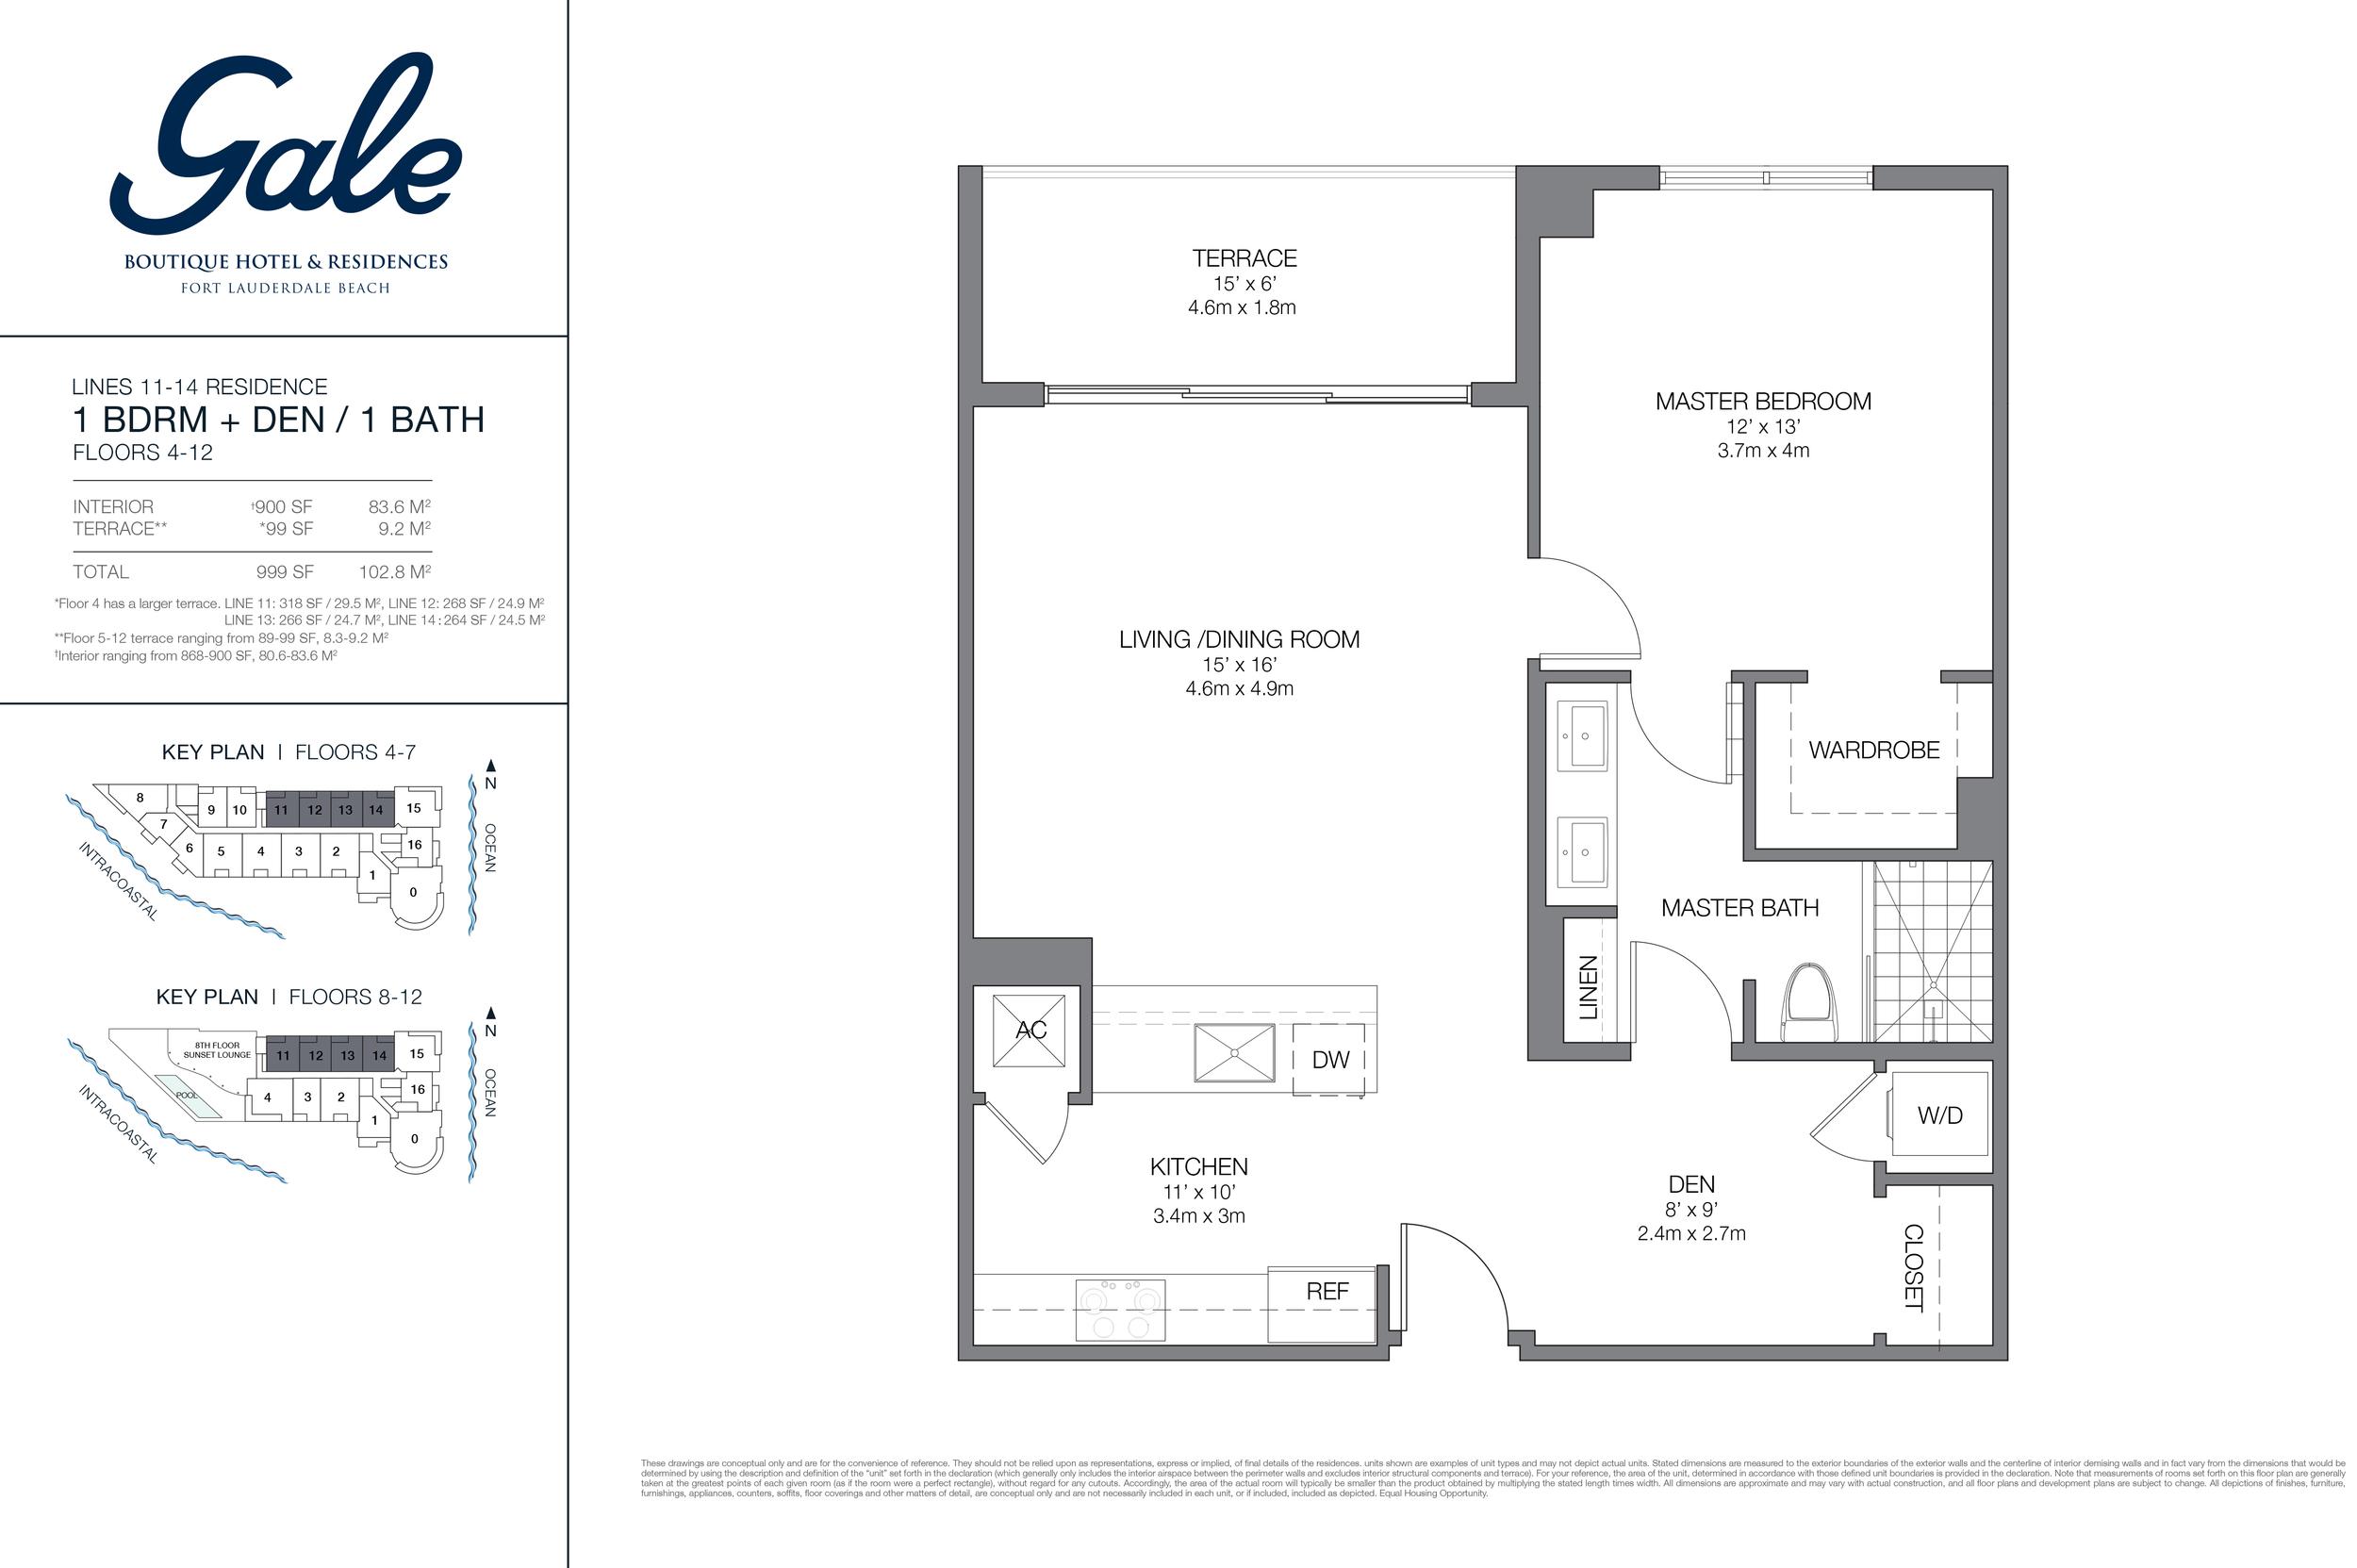 Gale Ft.Lauderdale Floor Plan Lines 11-14